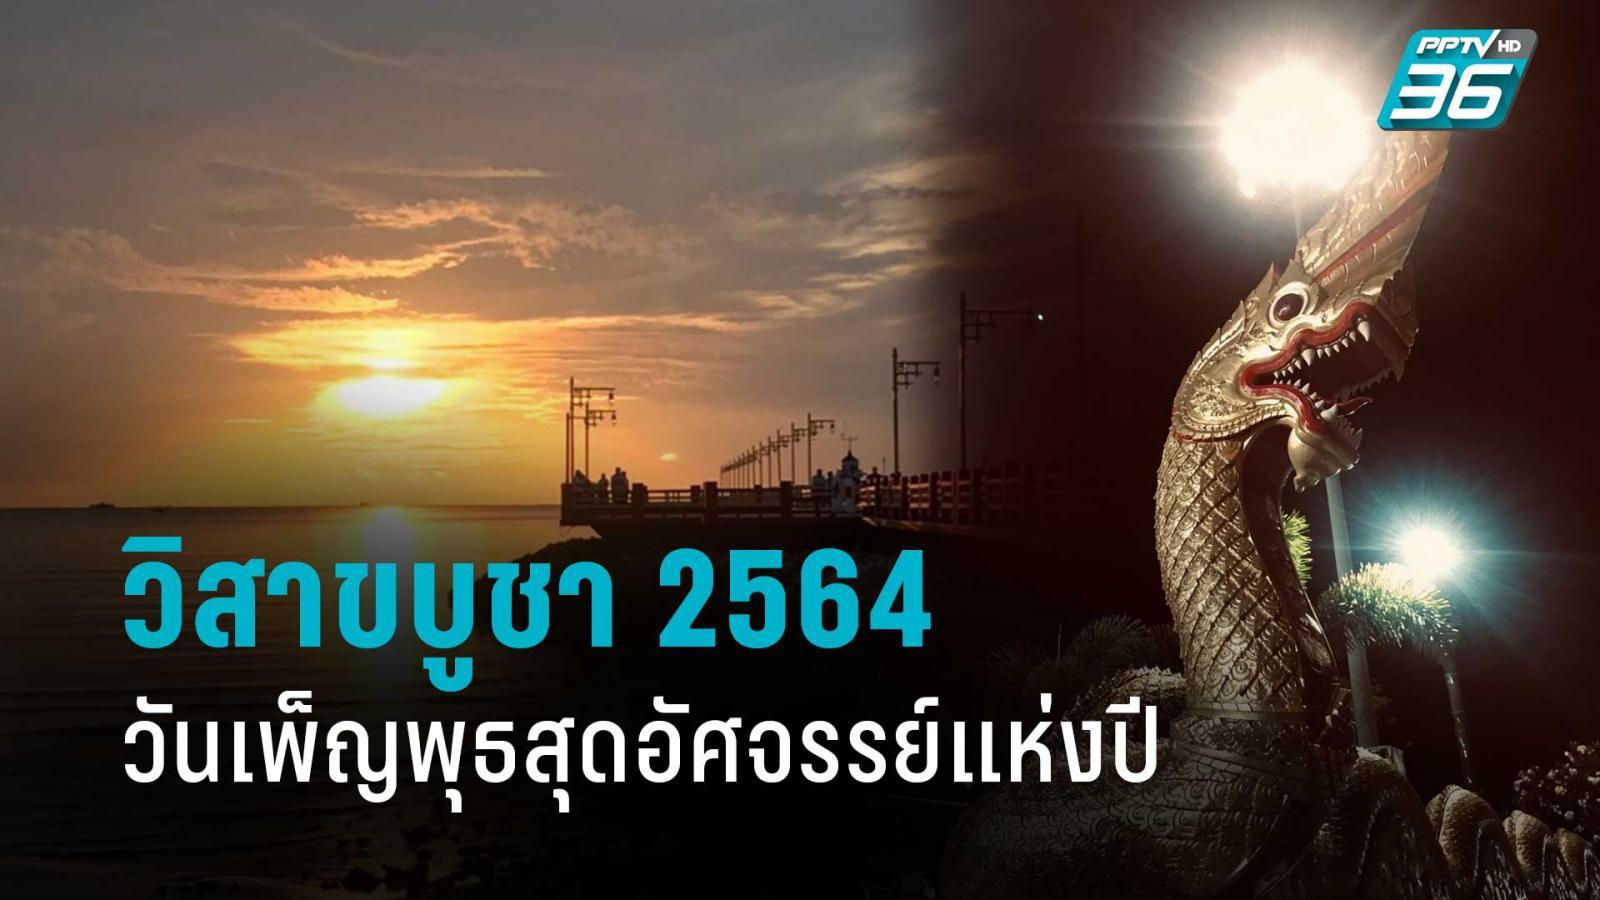 วิสาขบูชา 2564 วันเพ็ญพุธสุดอัศจรรย์แห่งปี